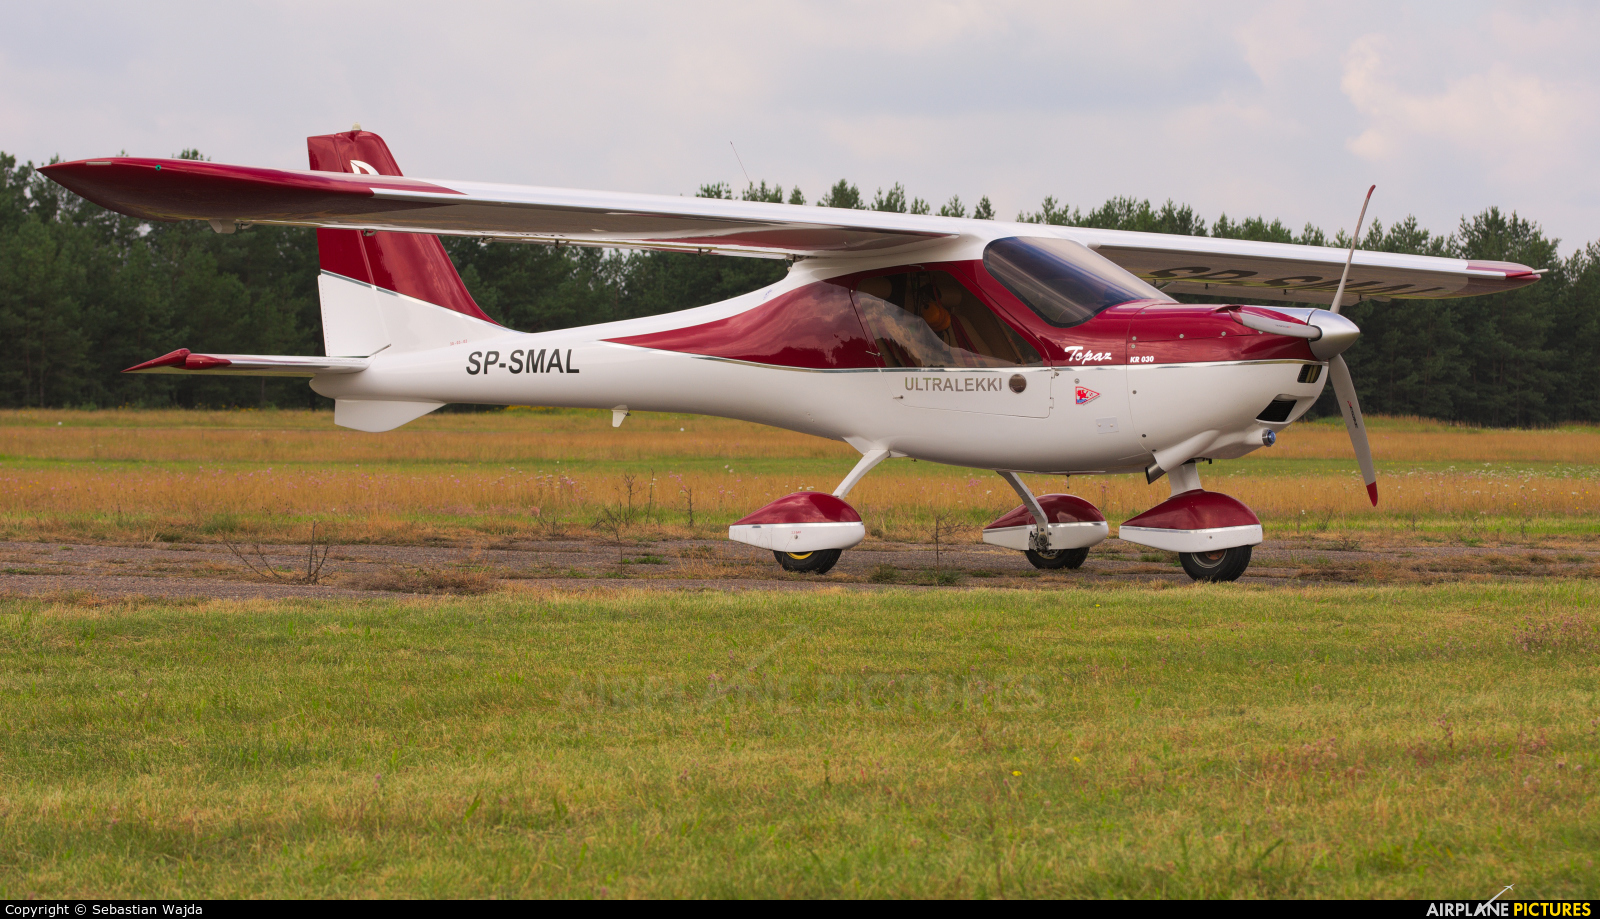 Private SP-SMAL aircraft at Borne Sulinowo